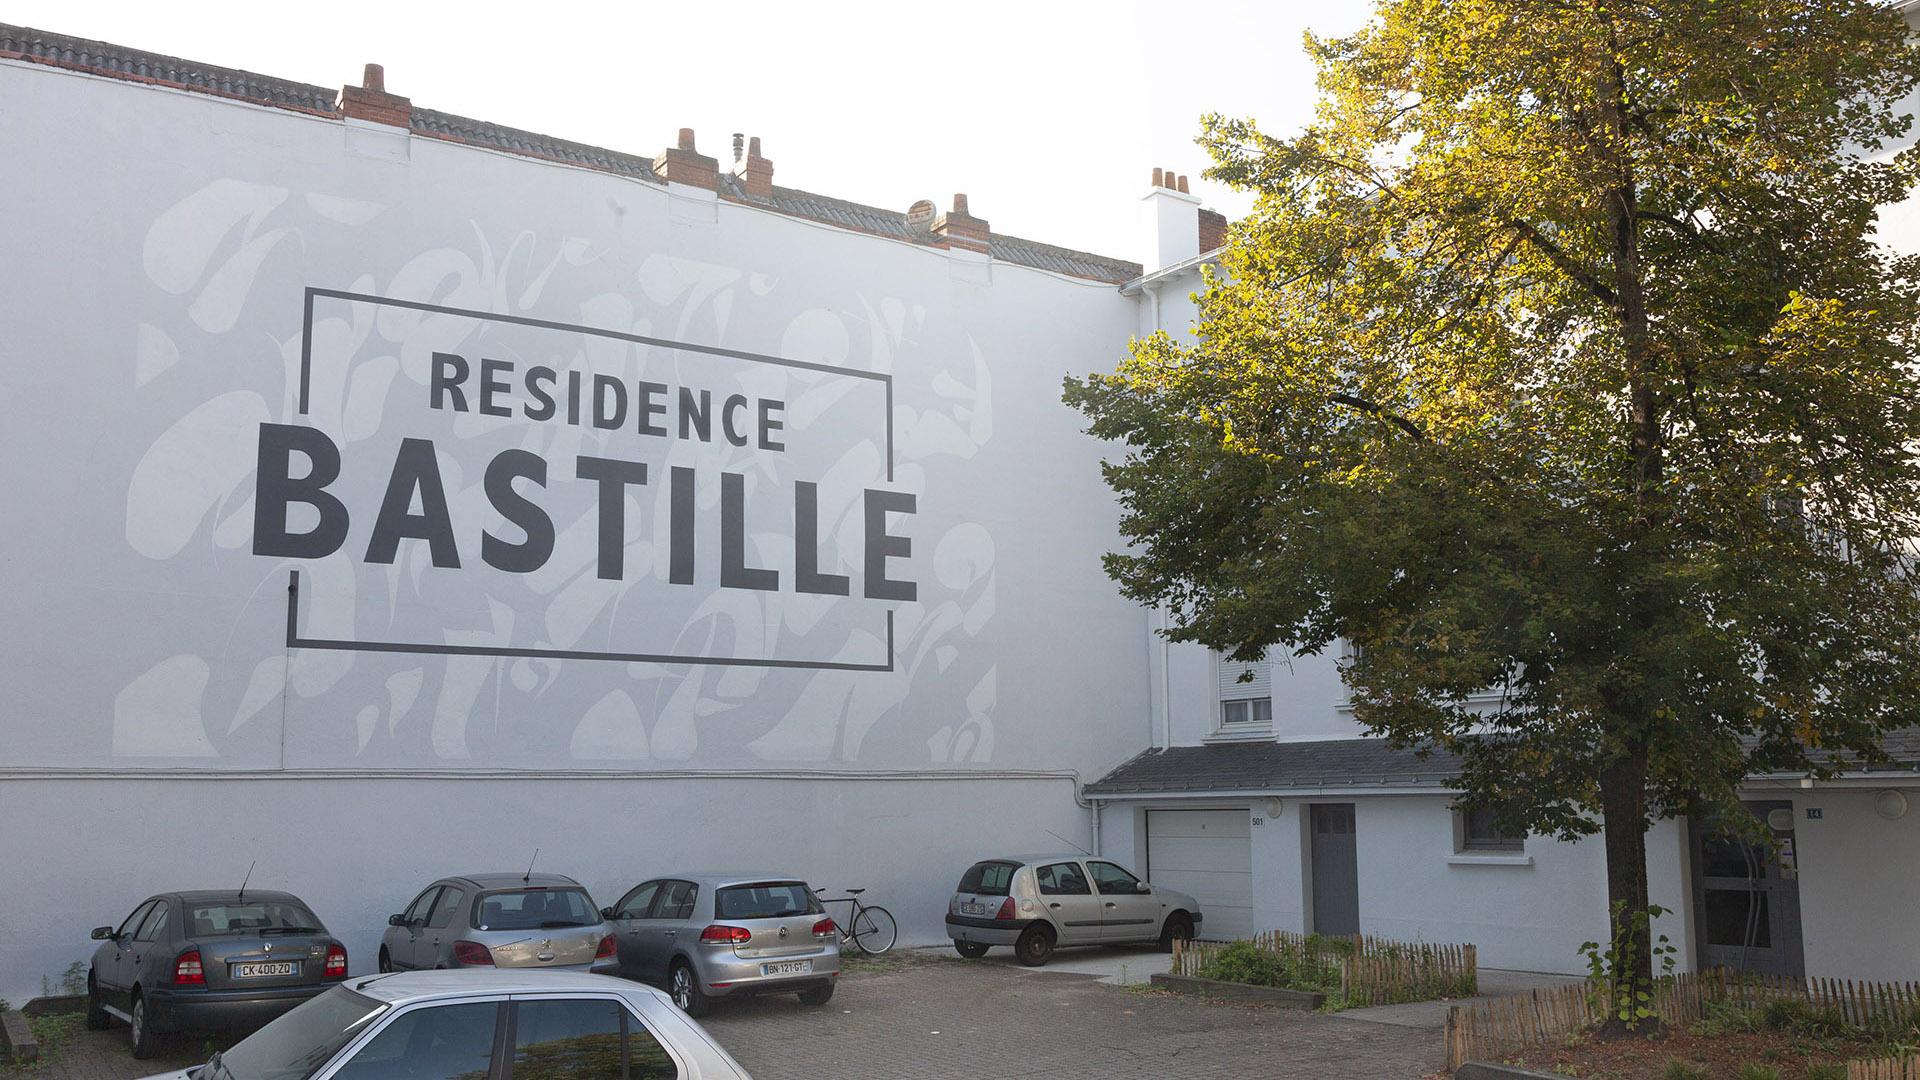 peinture en lettres Maison Maj residence bastille